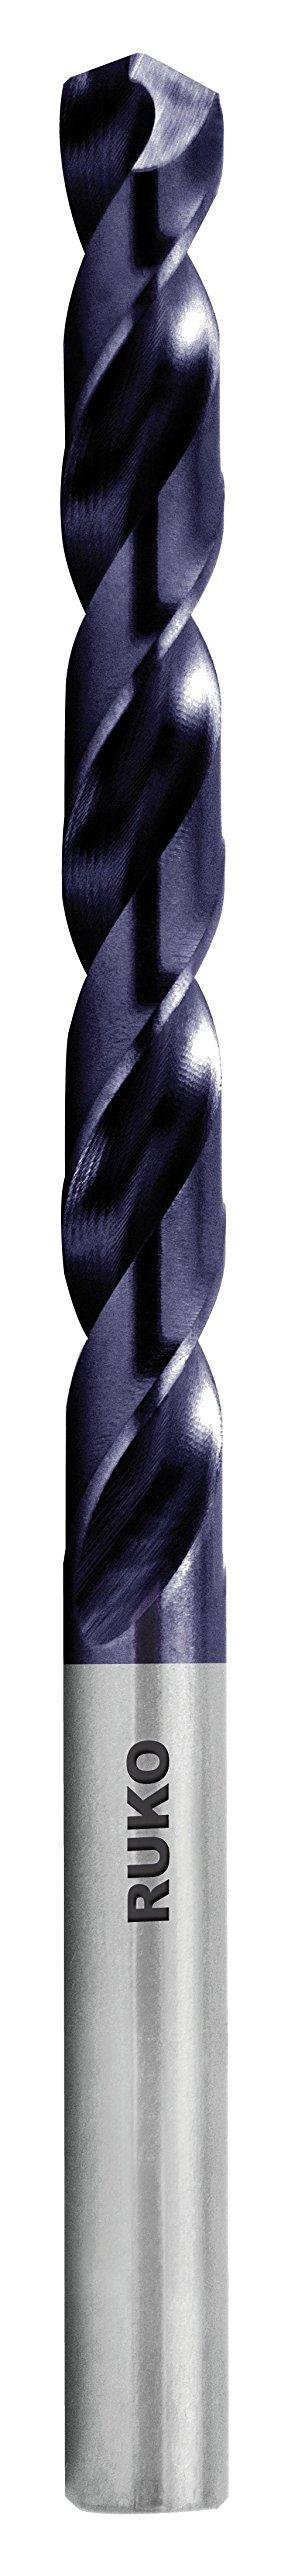 Ruko 215145°F Twist Drill Bit DIN 338Type VA, HSSE-Co 5, 14.5mm (Pack of 5) by Ruko